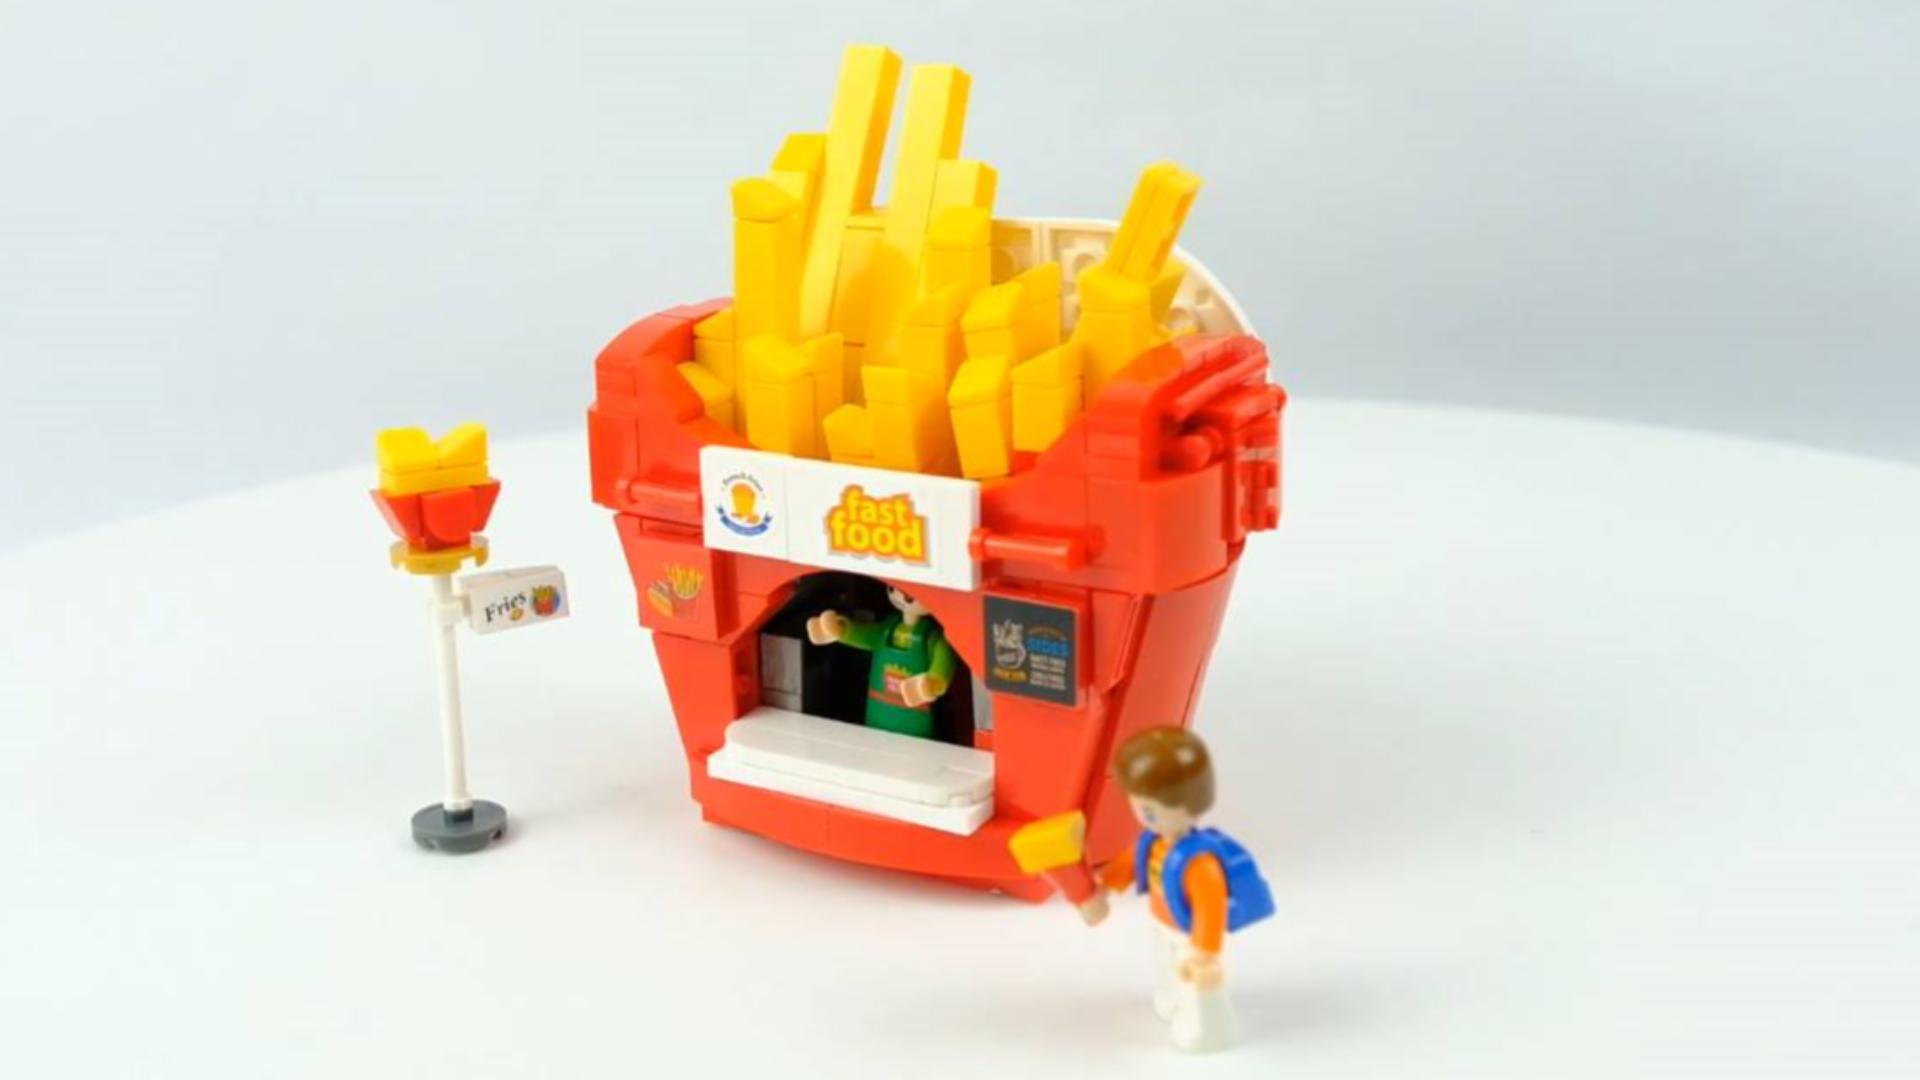 用积木还原的美食:不能吃的薯条,打开还能变成漂亮的售货亭